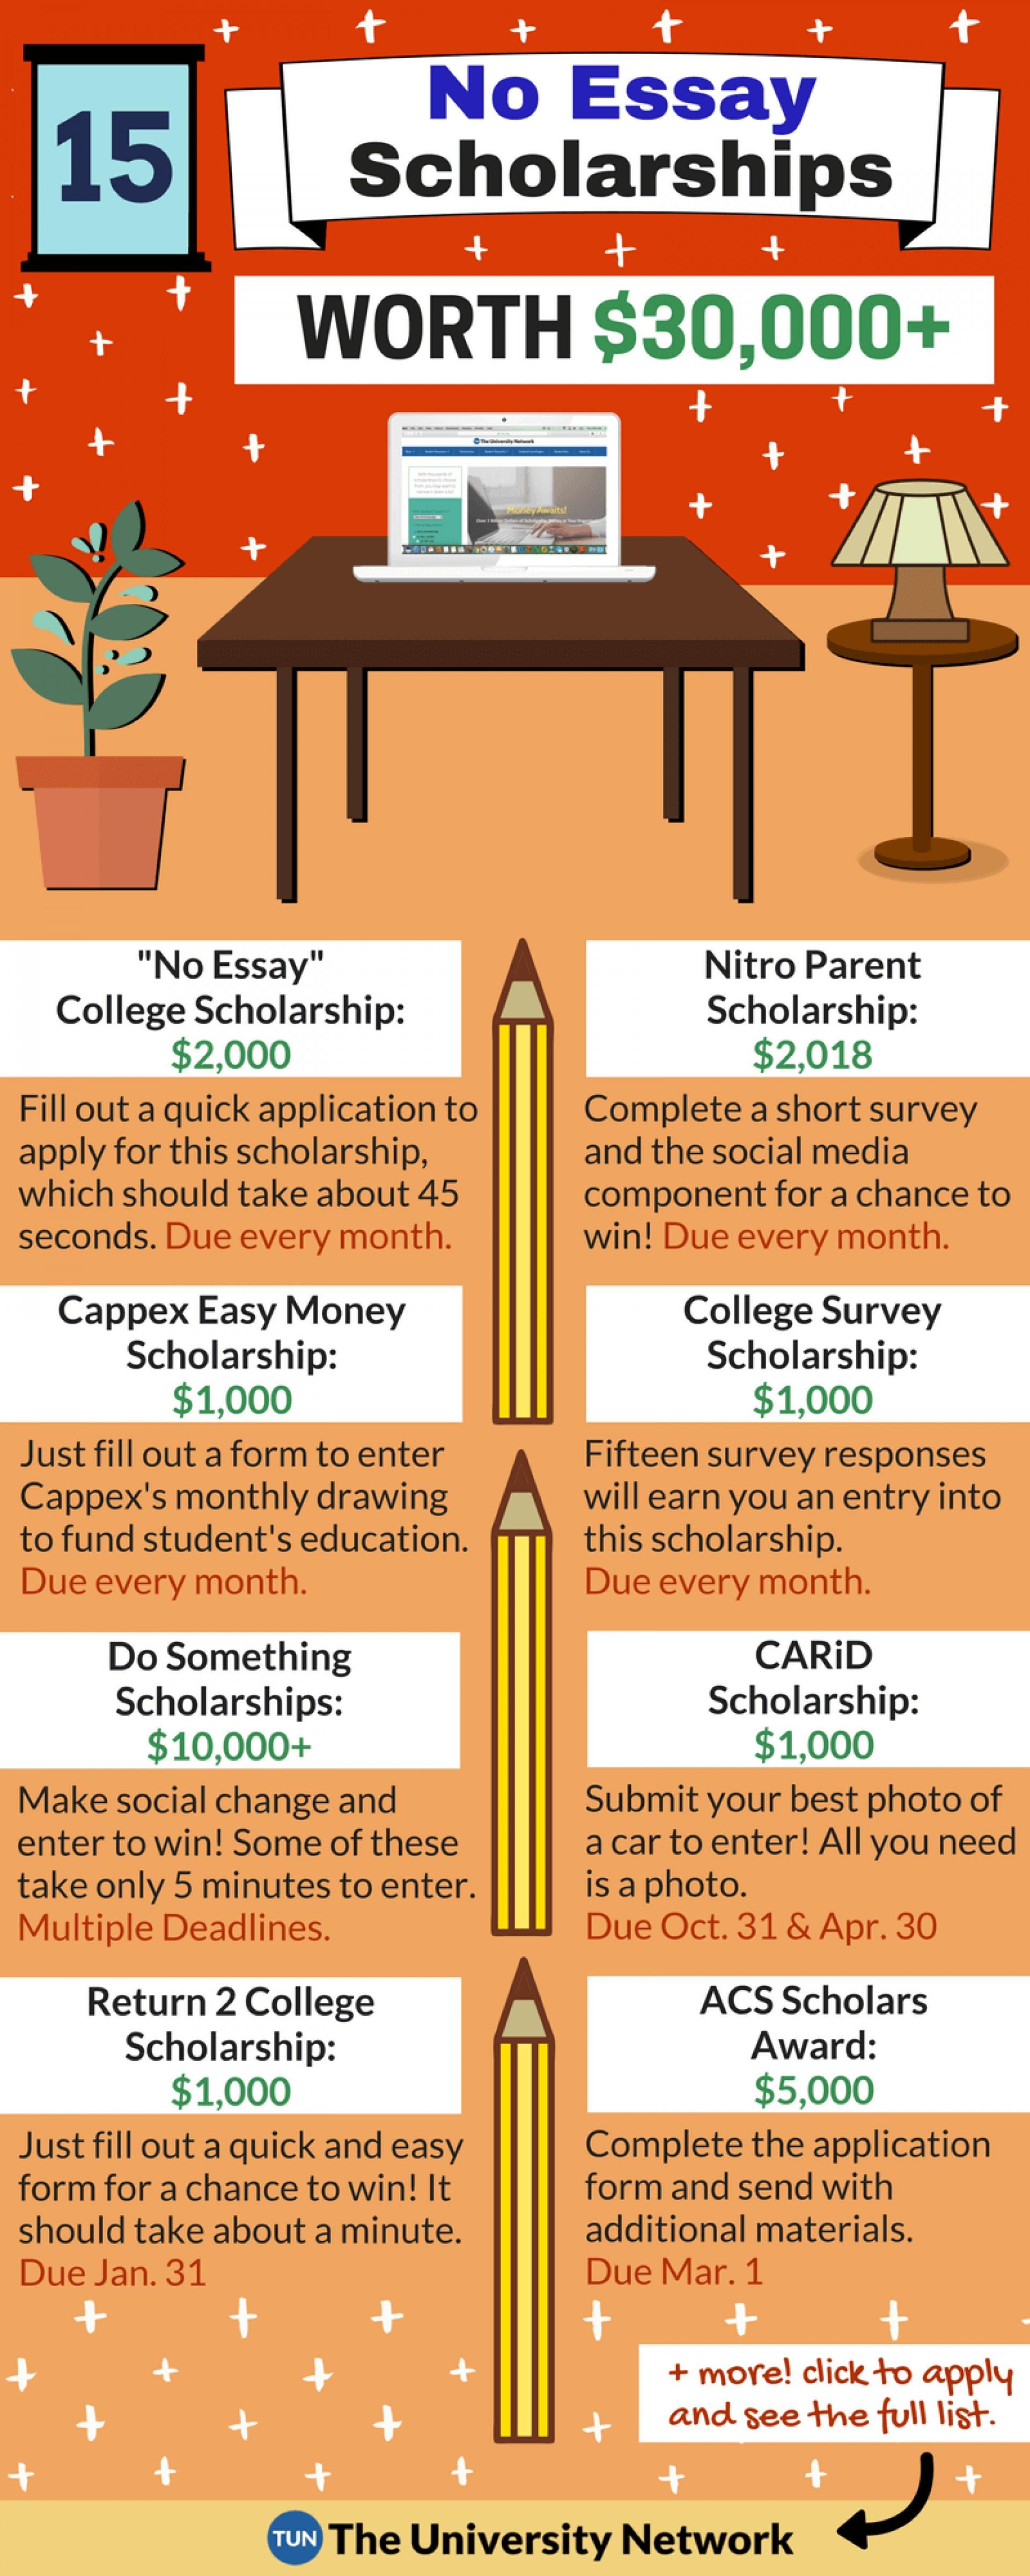 006 Easy No Essay Scholarships Striking 2015 2019 1920